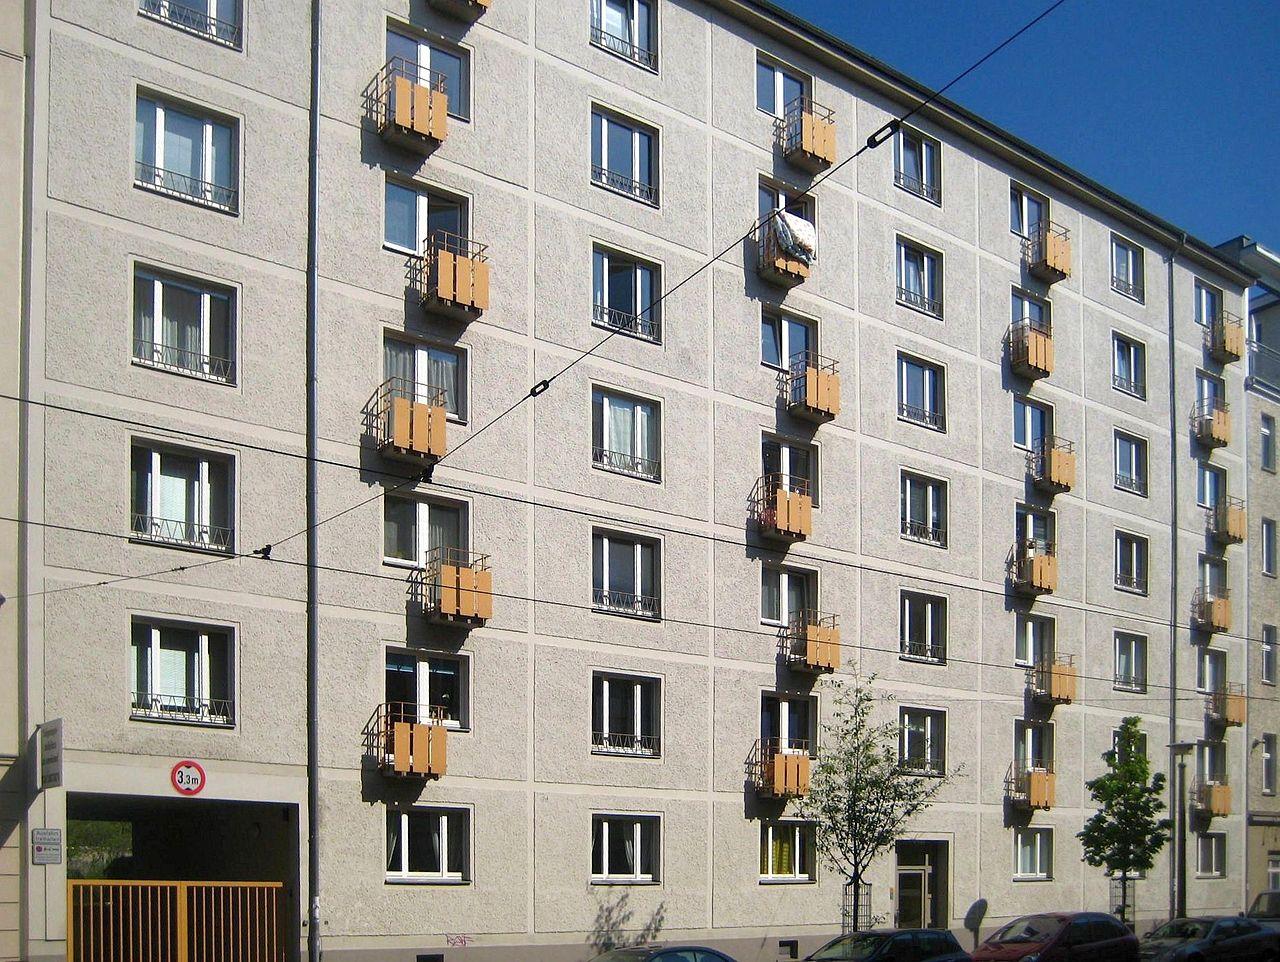 1280px-Berlin,_Mitte,_Woehlertstrasse_16-17,_Laubenganghaus.jpg